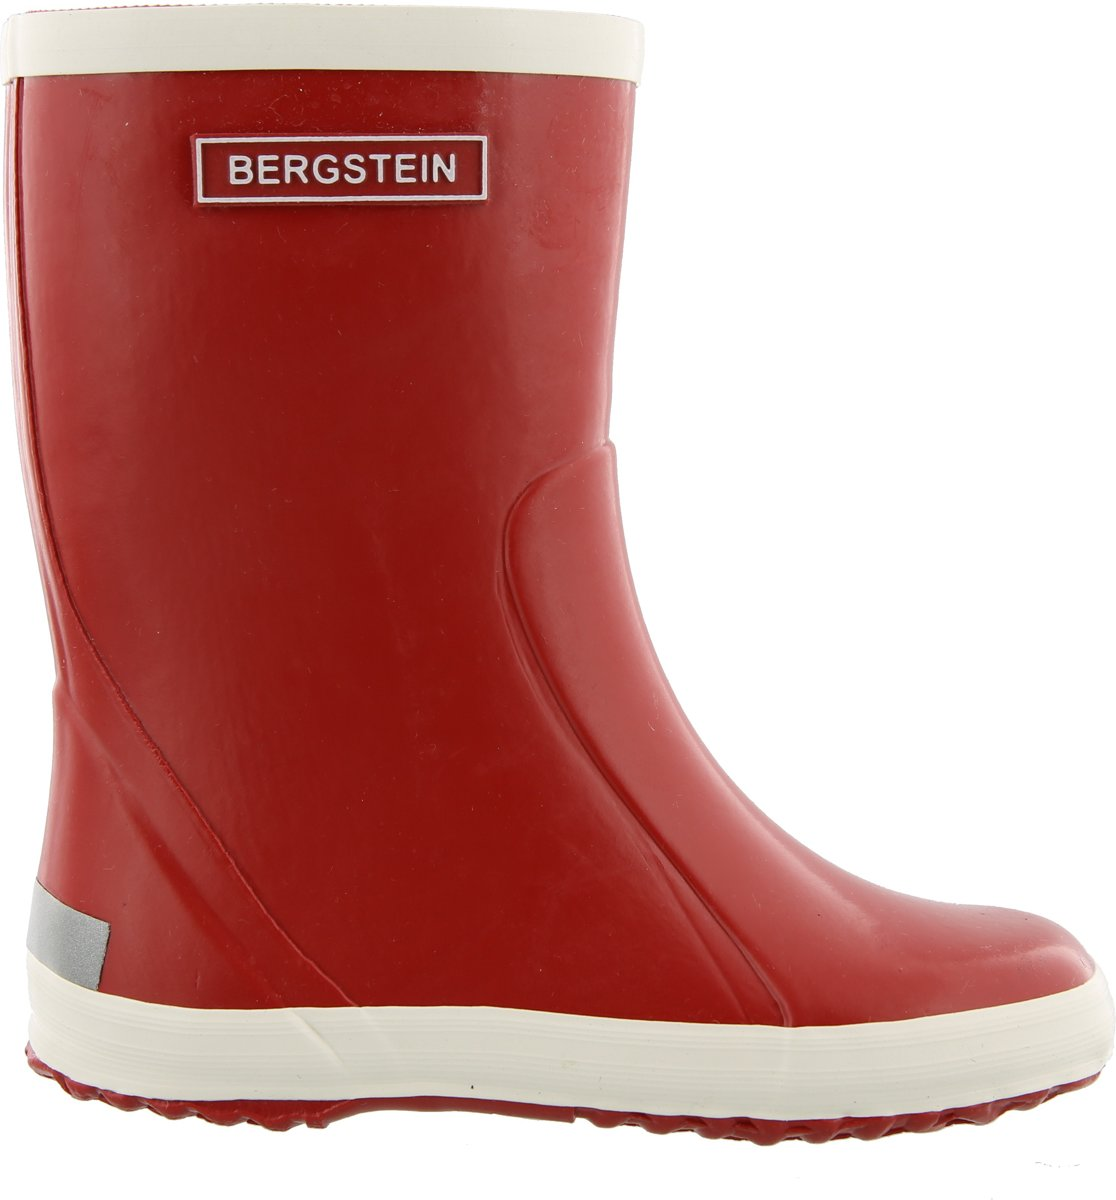 Bergstein Regenlaarzen Rainboot kopen